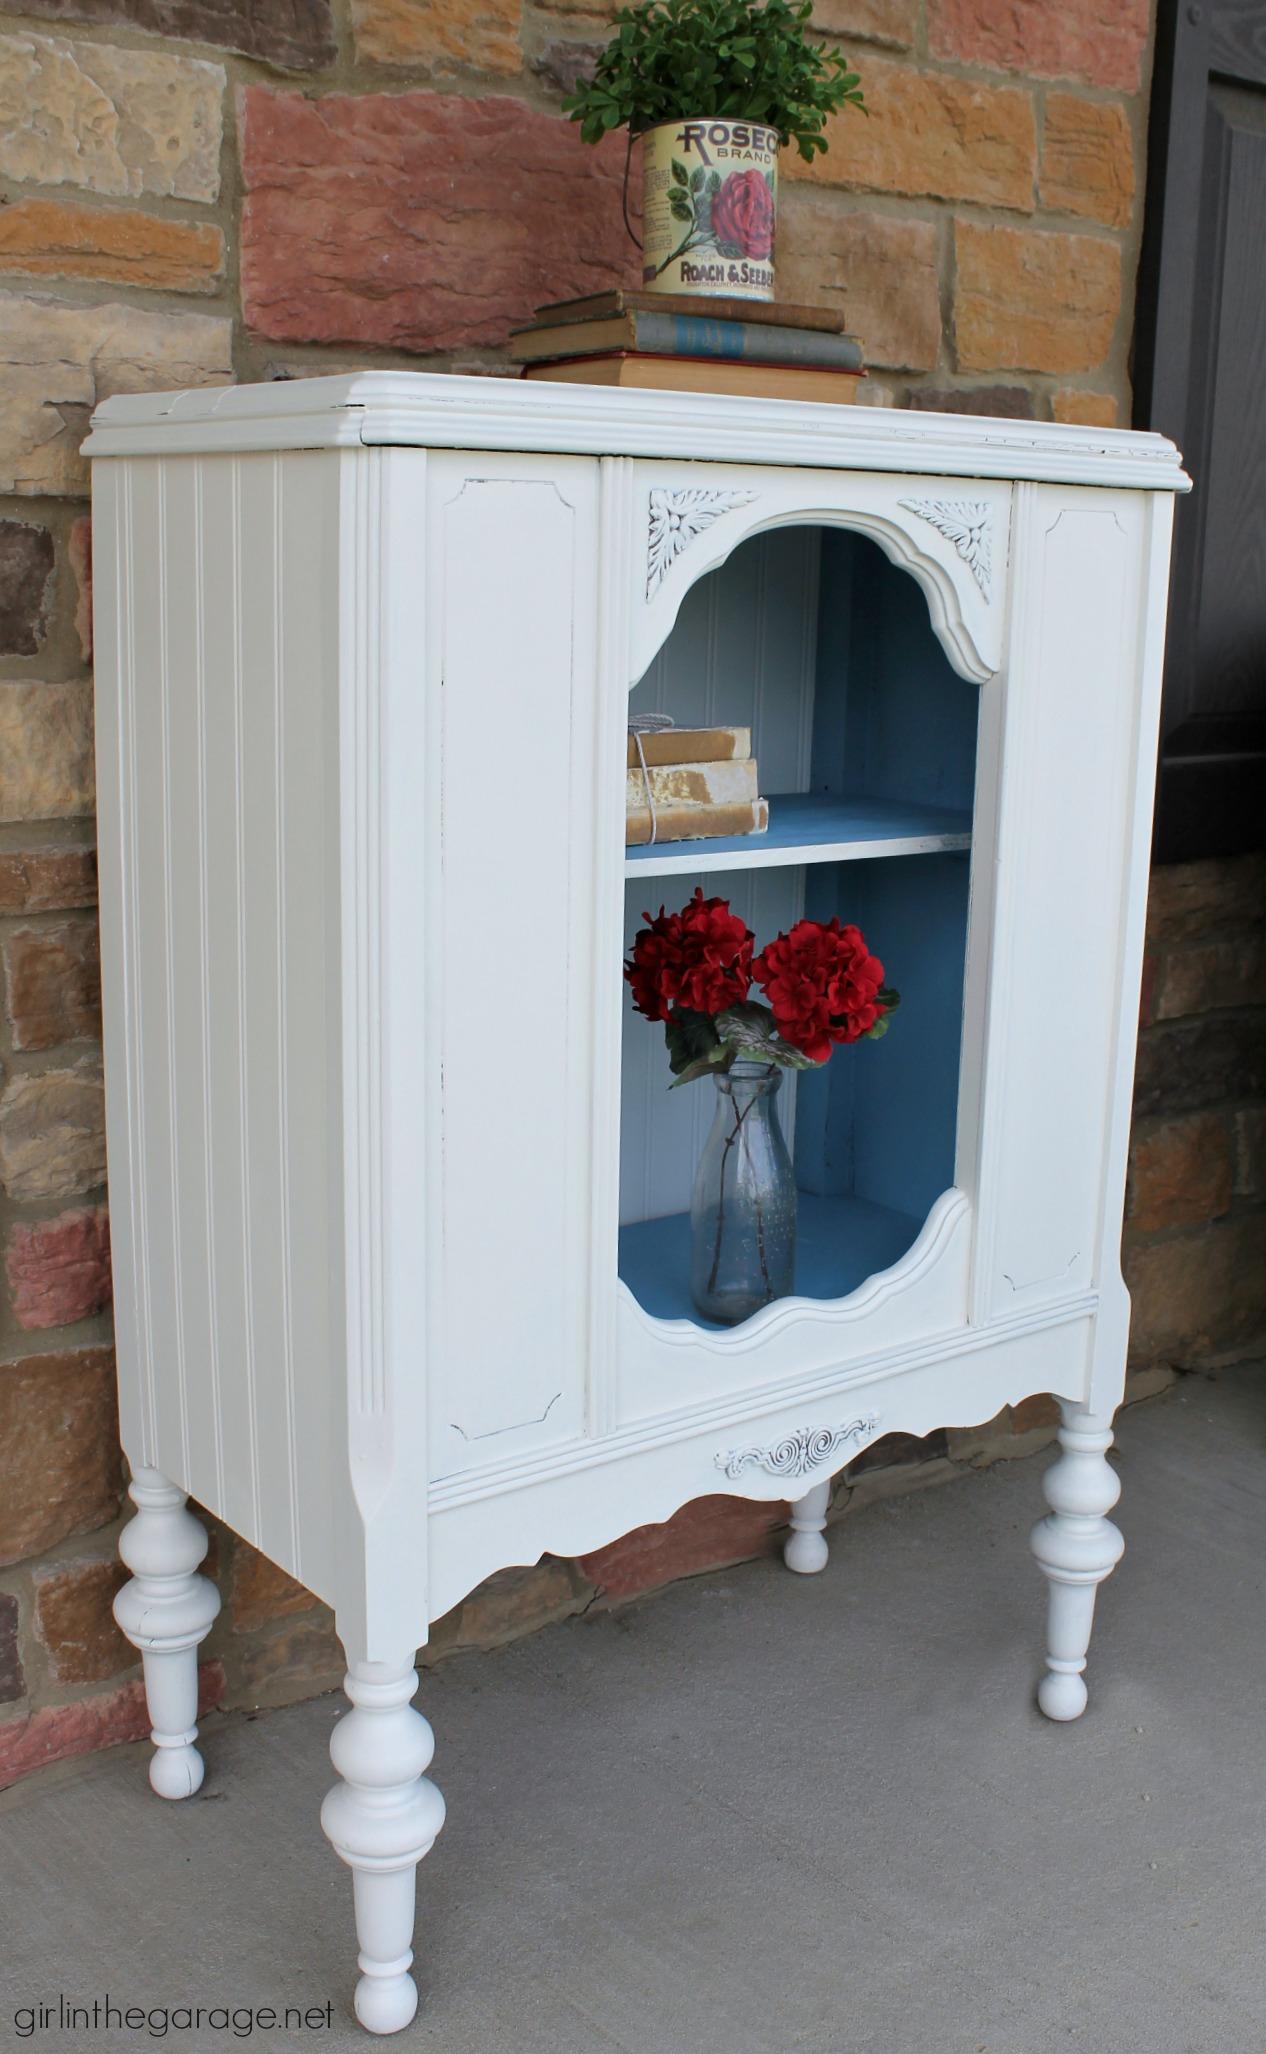 Antique Repurposed Radio Cabinet | Girl in the Garage®